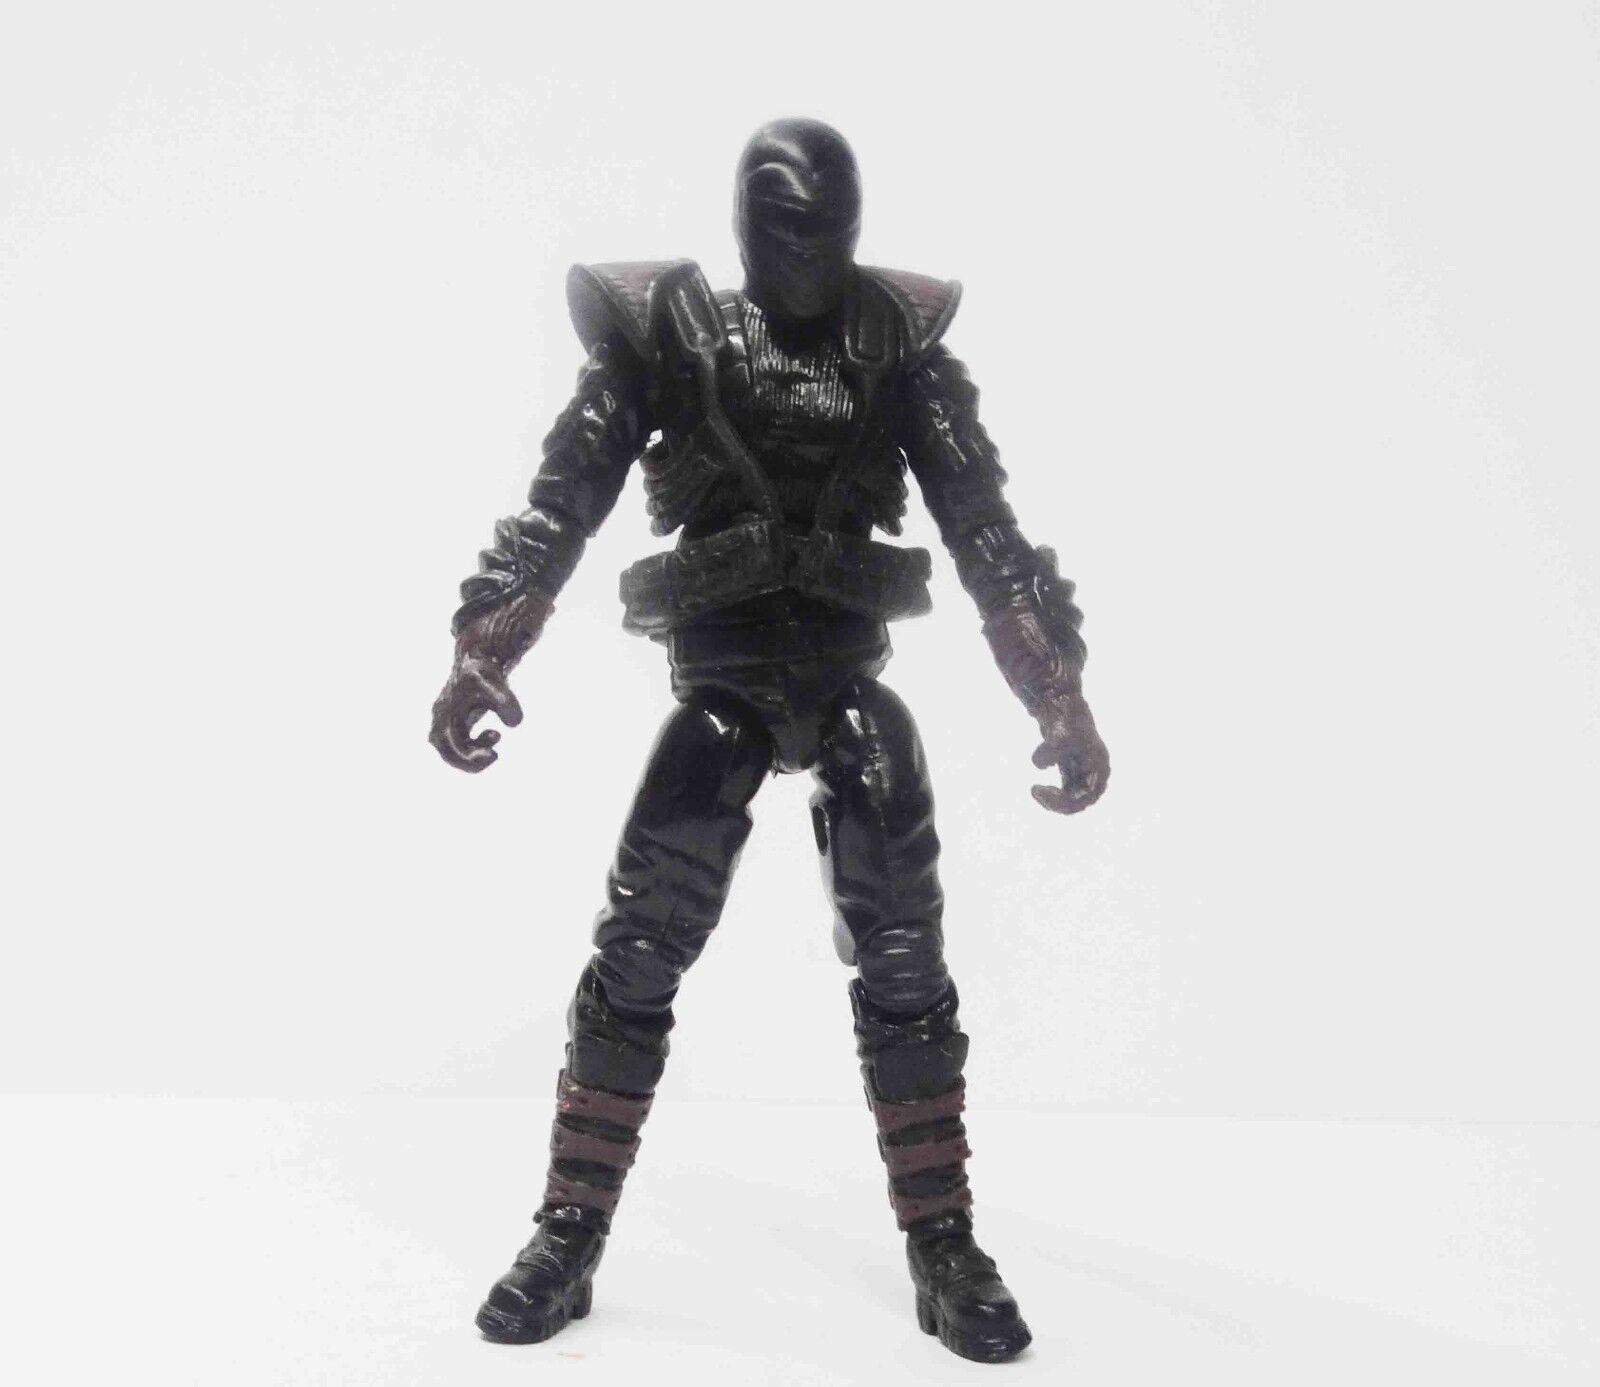 GI JOE  G.I. JOE Ninja Force STORM SHADOW action figure Predotype 3.75